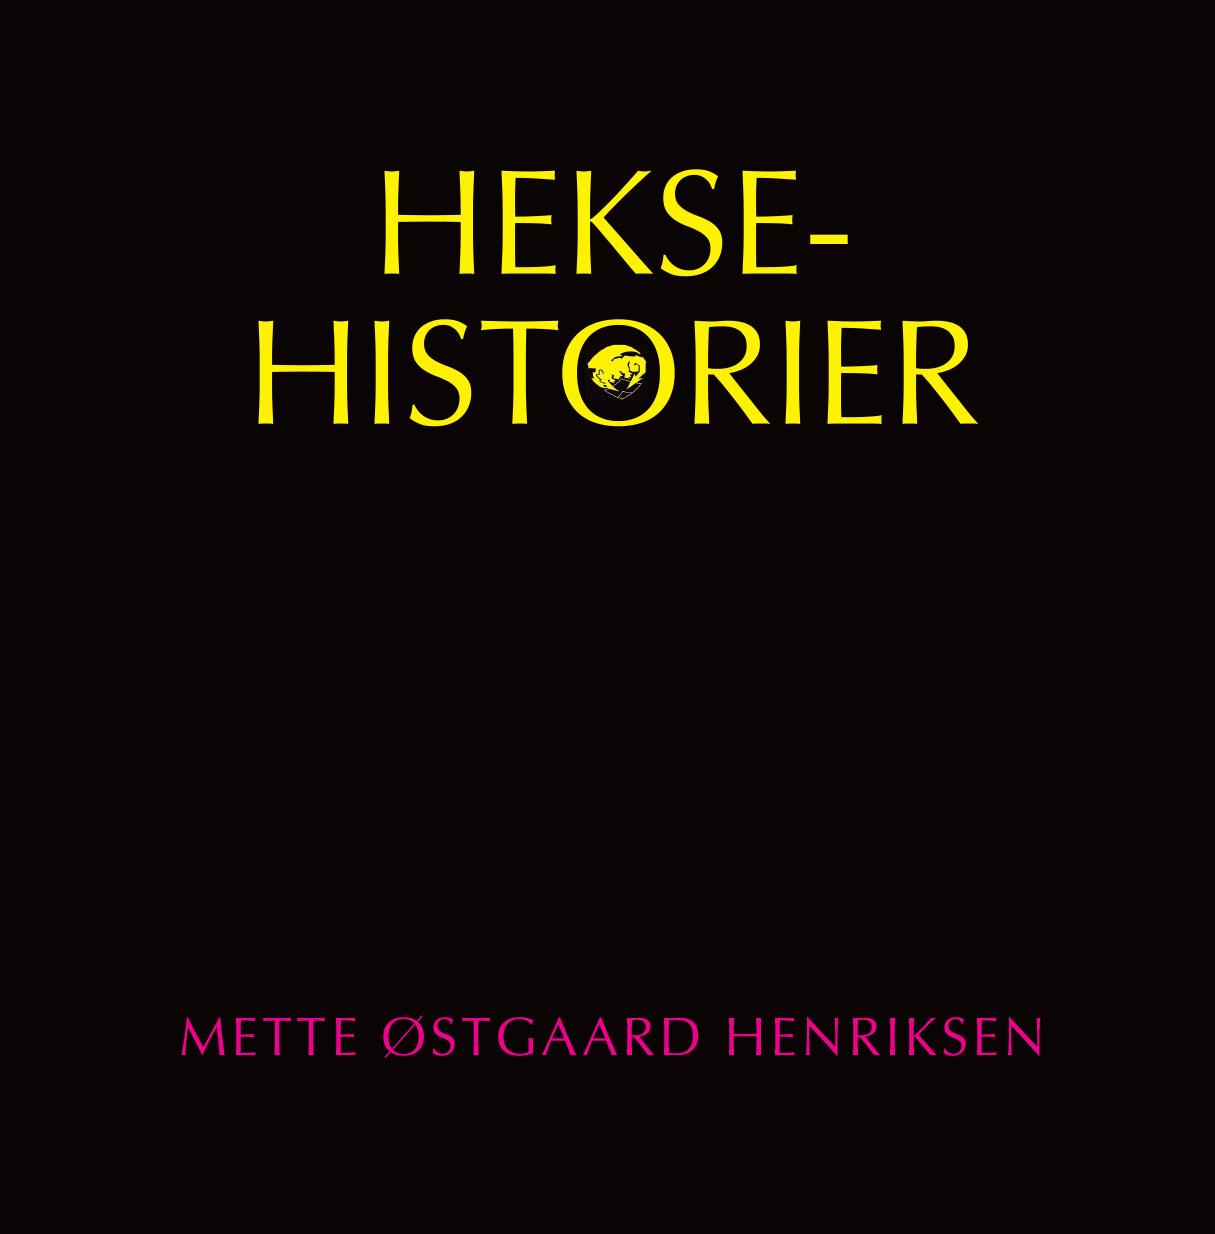 Heksehistorier_cover